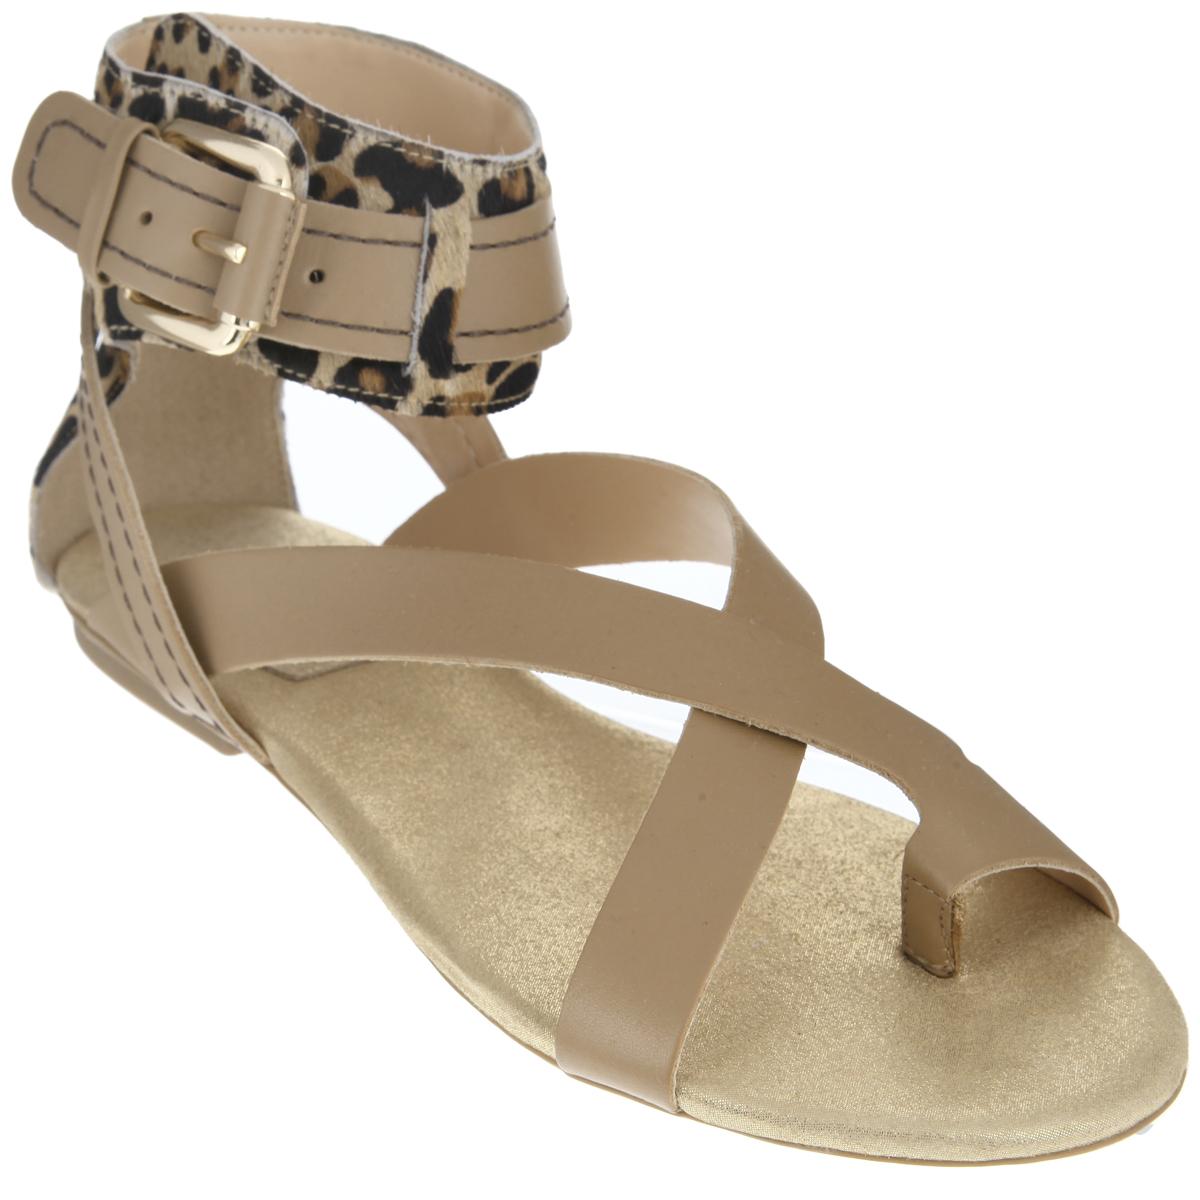 Сандалии женские. 151185151185Эффектные женские сандалии от Cristofoli не оставят равнодушной настоящую модницу. Модель изготовлена из высококачественной натуральной кожи. Задник и верхняя часть изделия выполнены из ворса, стилизованного под леопарда. Фиксирующие ремешки надежно закрепят модель на ноге. Ремешок с металлической пряжкой, опоясывающий щиколотку, пропущен через шлевки. Мягкая стелька из натуральной кожи комфортна при ходьбе. Низкий каблук и подошва дополнены противоскользящим рифлением. Стильные сандалии помогут вам создать яркий запоминающийся образ.